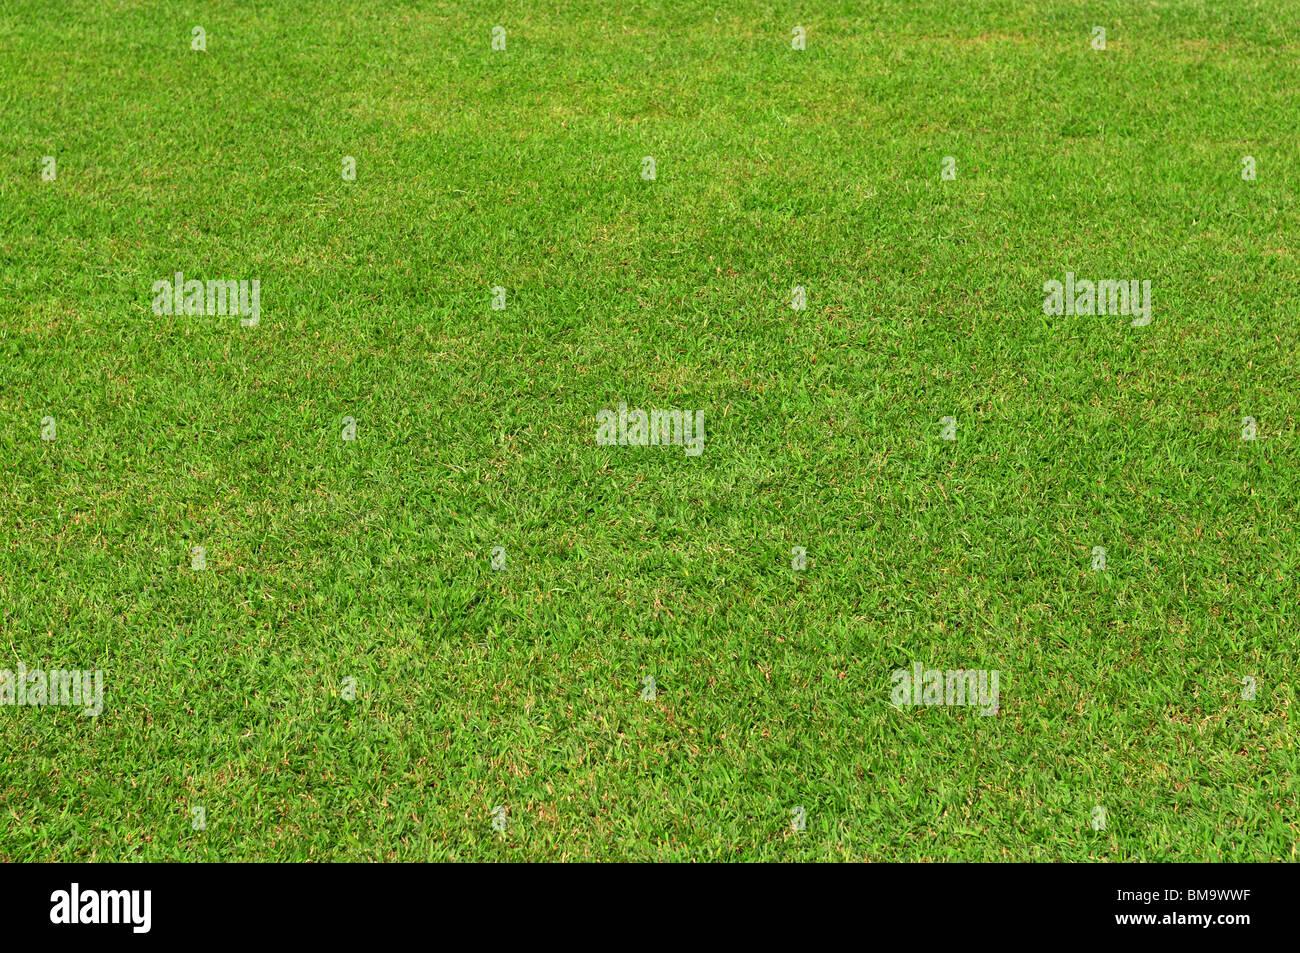 La molla verde erba texture di sfondo o per la progettazione Immagini Stock